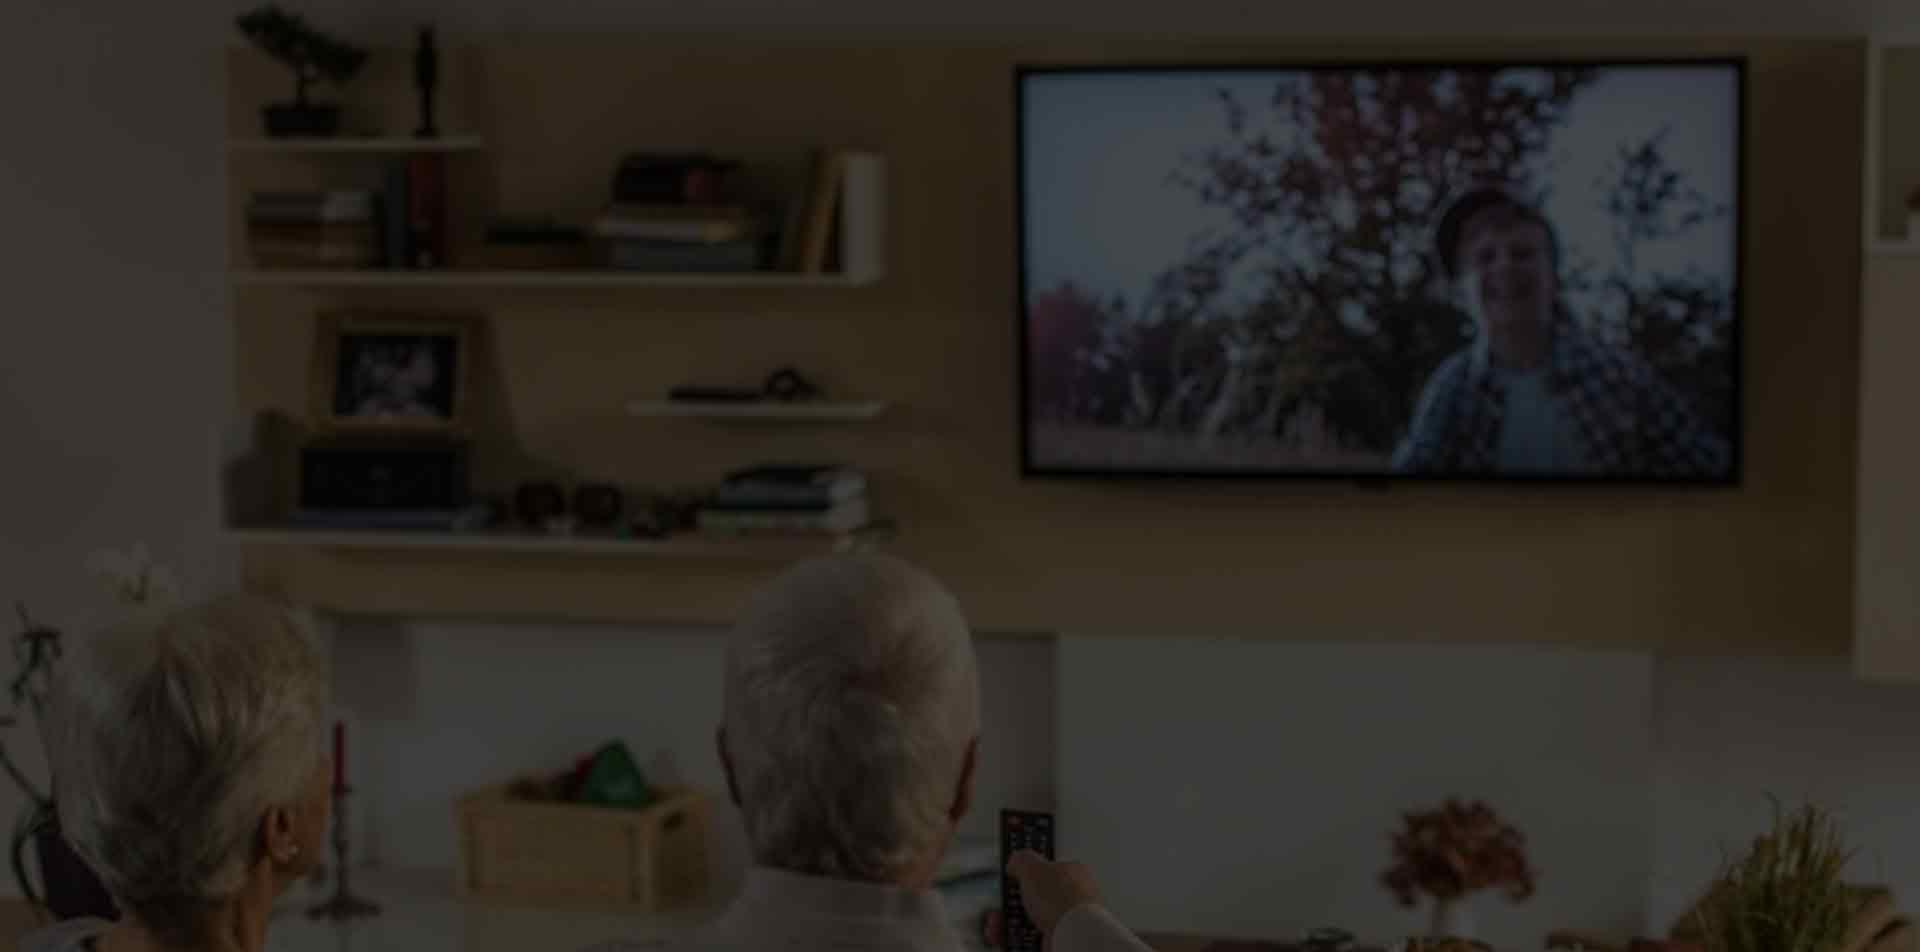 مشکلات رایج تلویزیون VESTEL